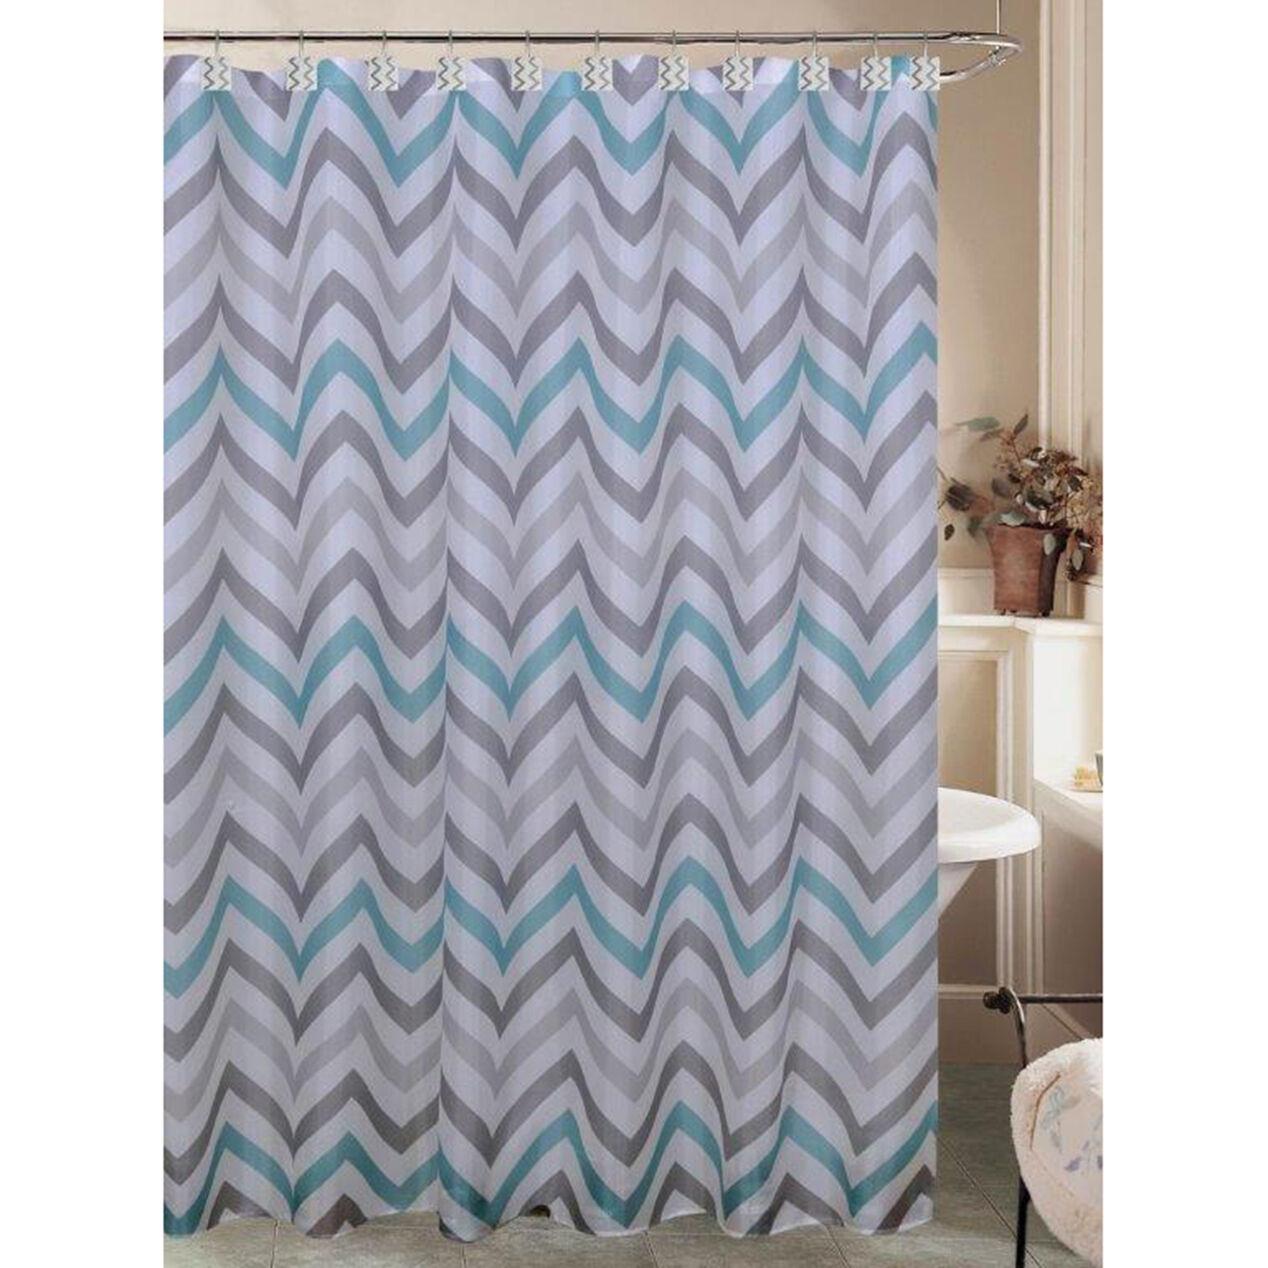 Chevron Shower Curtain Teal Curtain Menzilperde Net